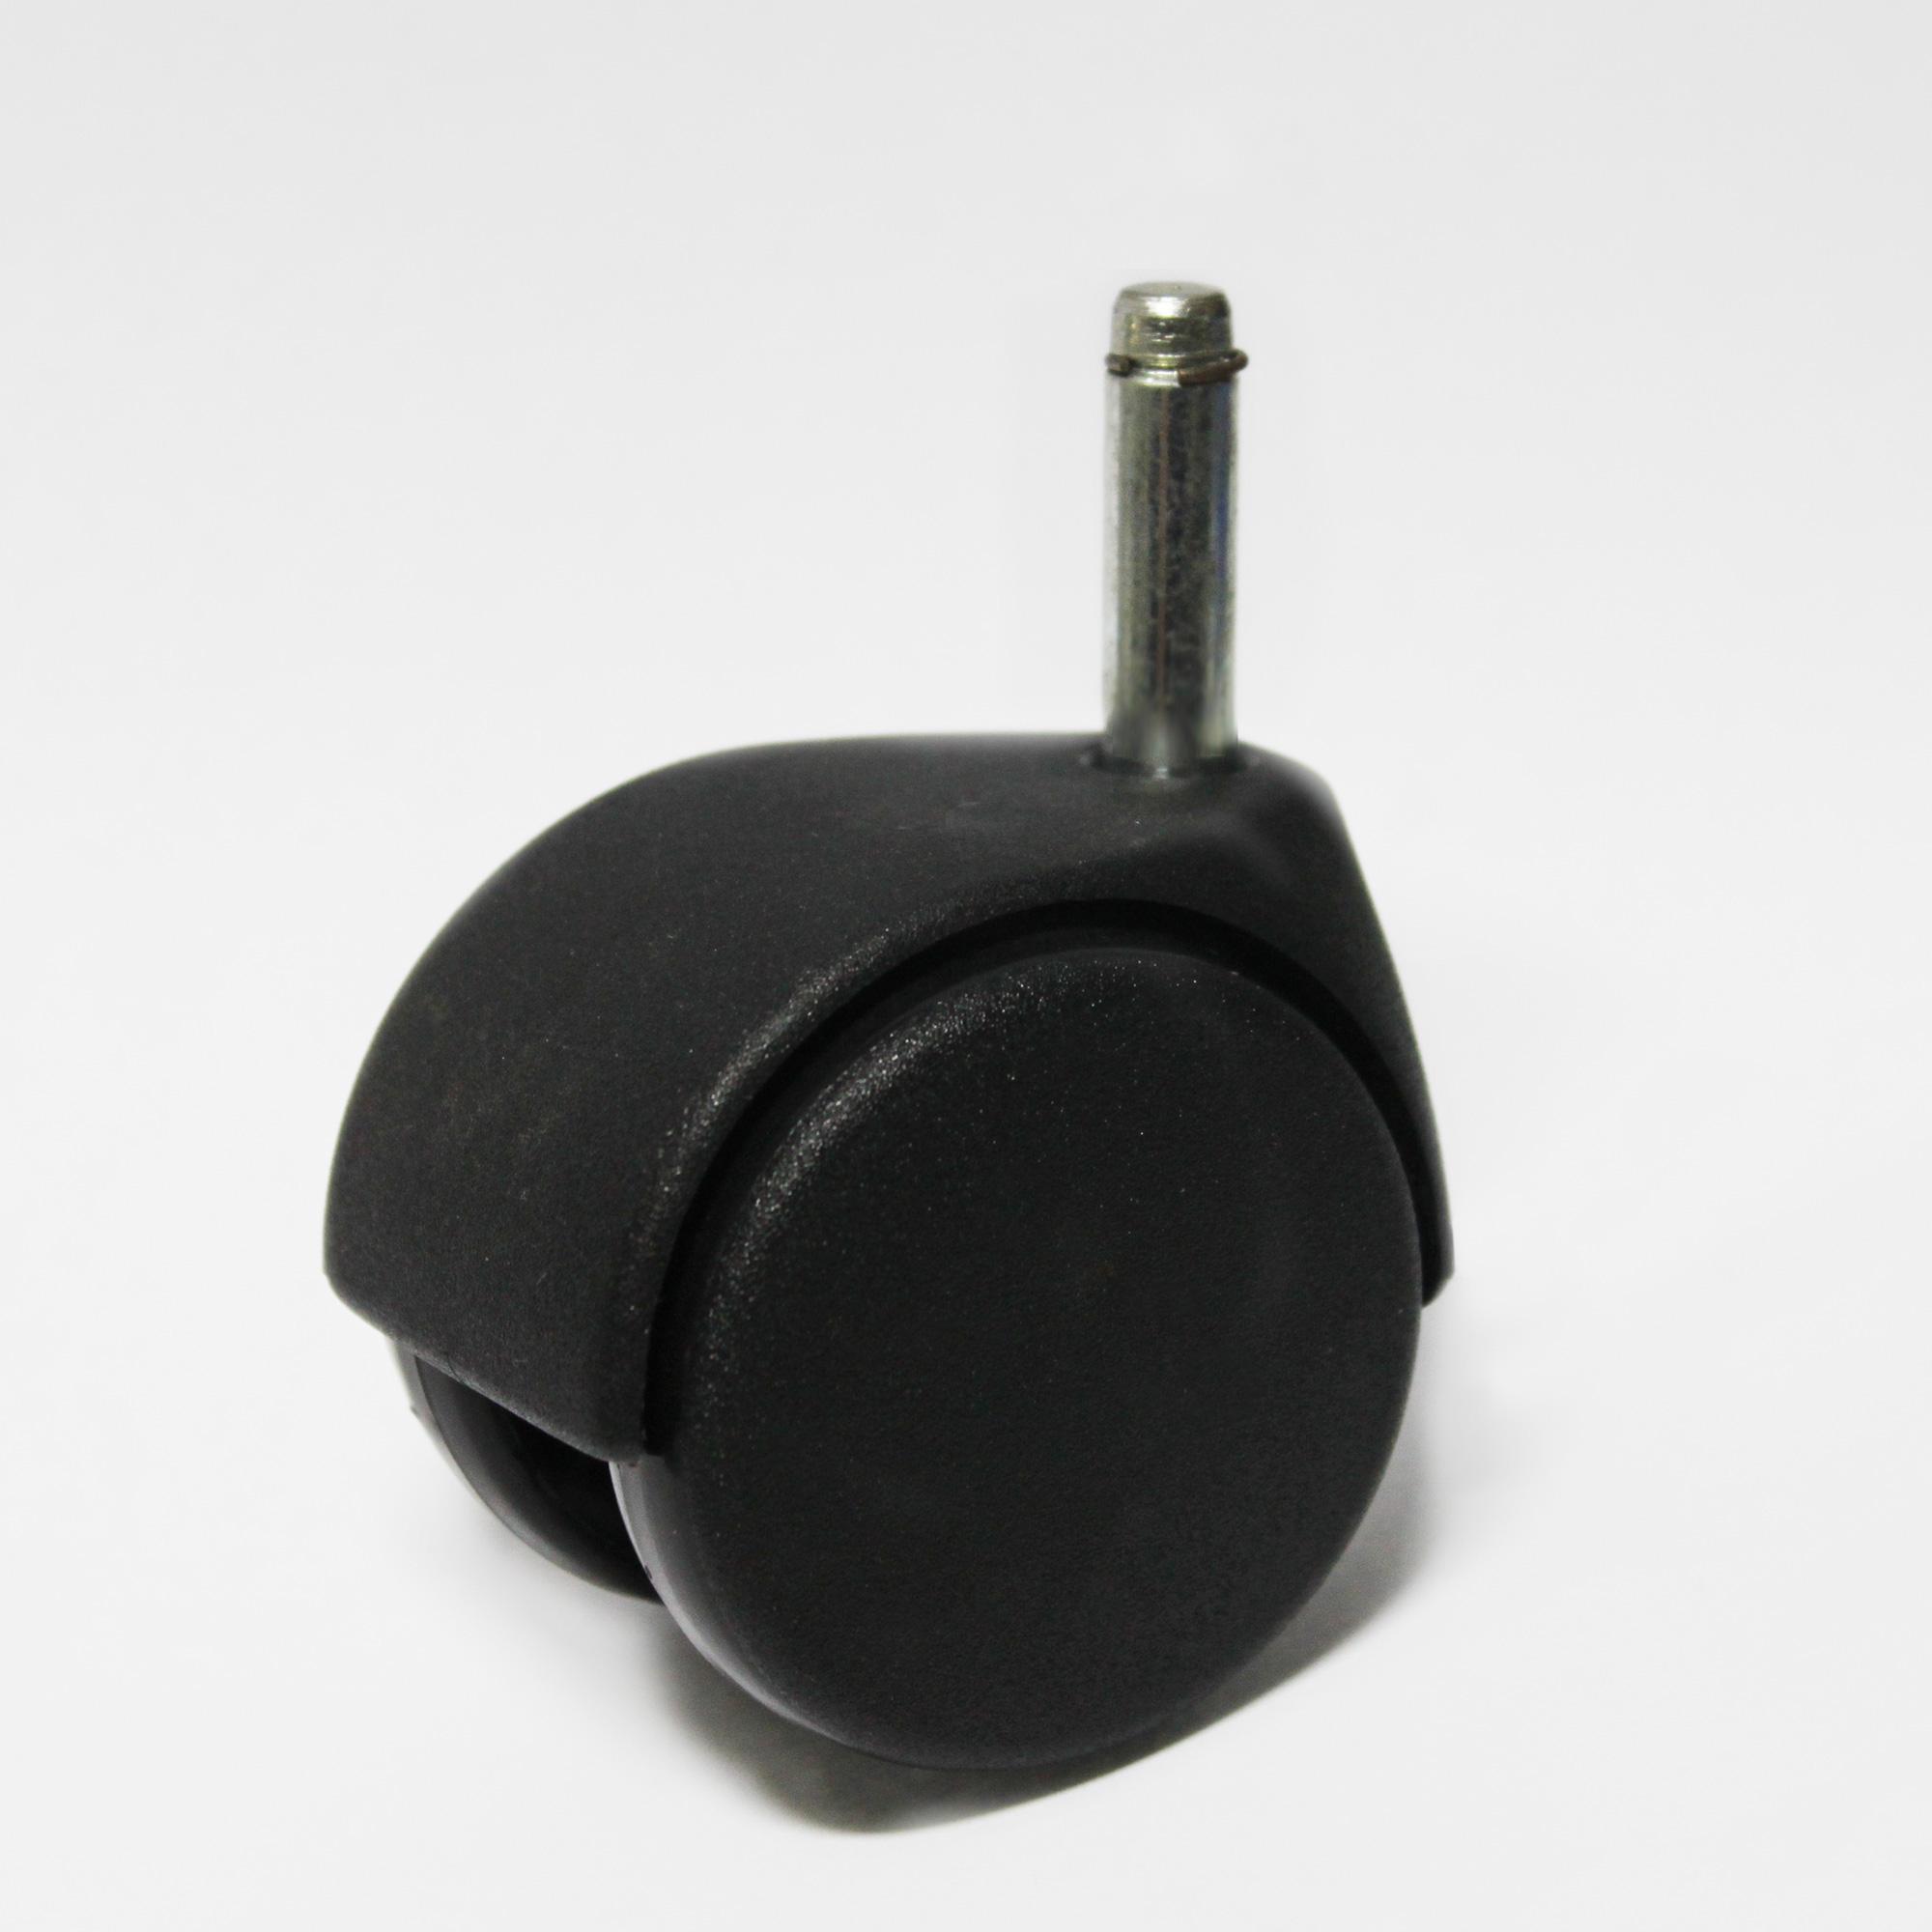 Lenkrolle 50mm, schwarz mit 8mm Stift L= 30mm